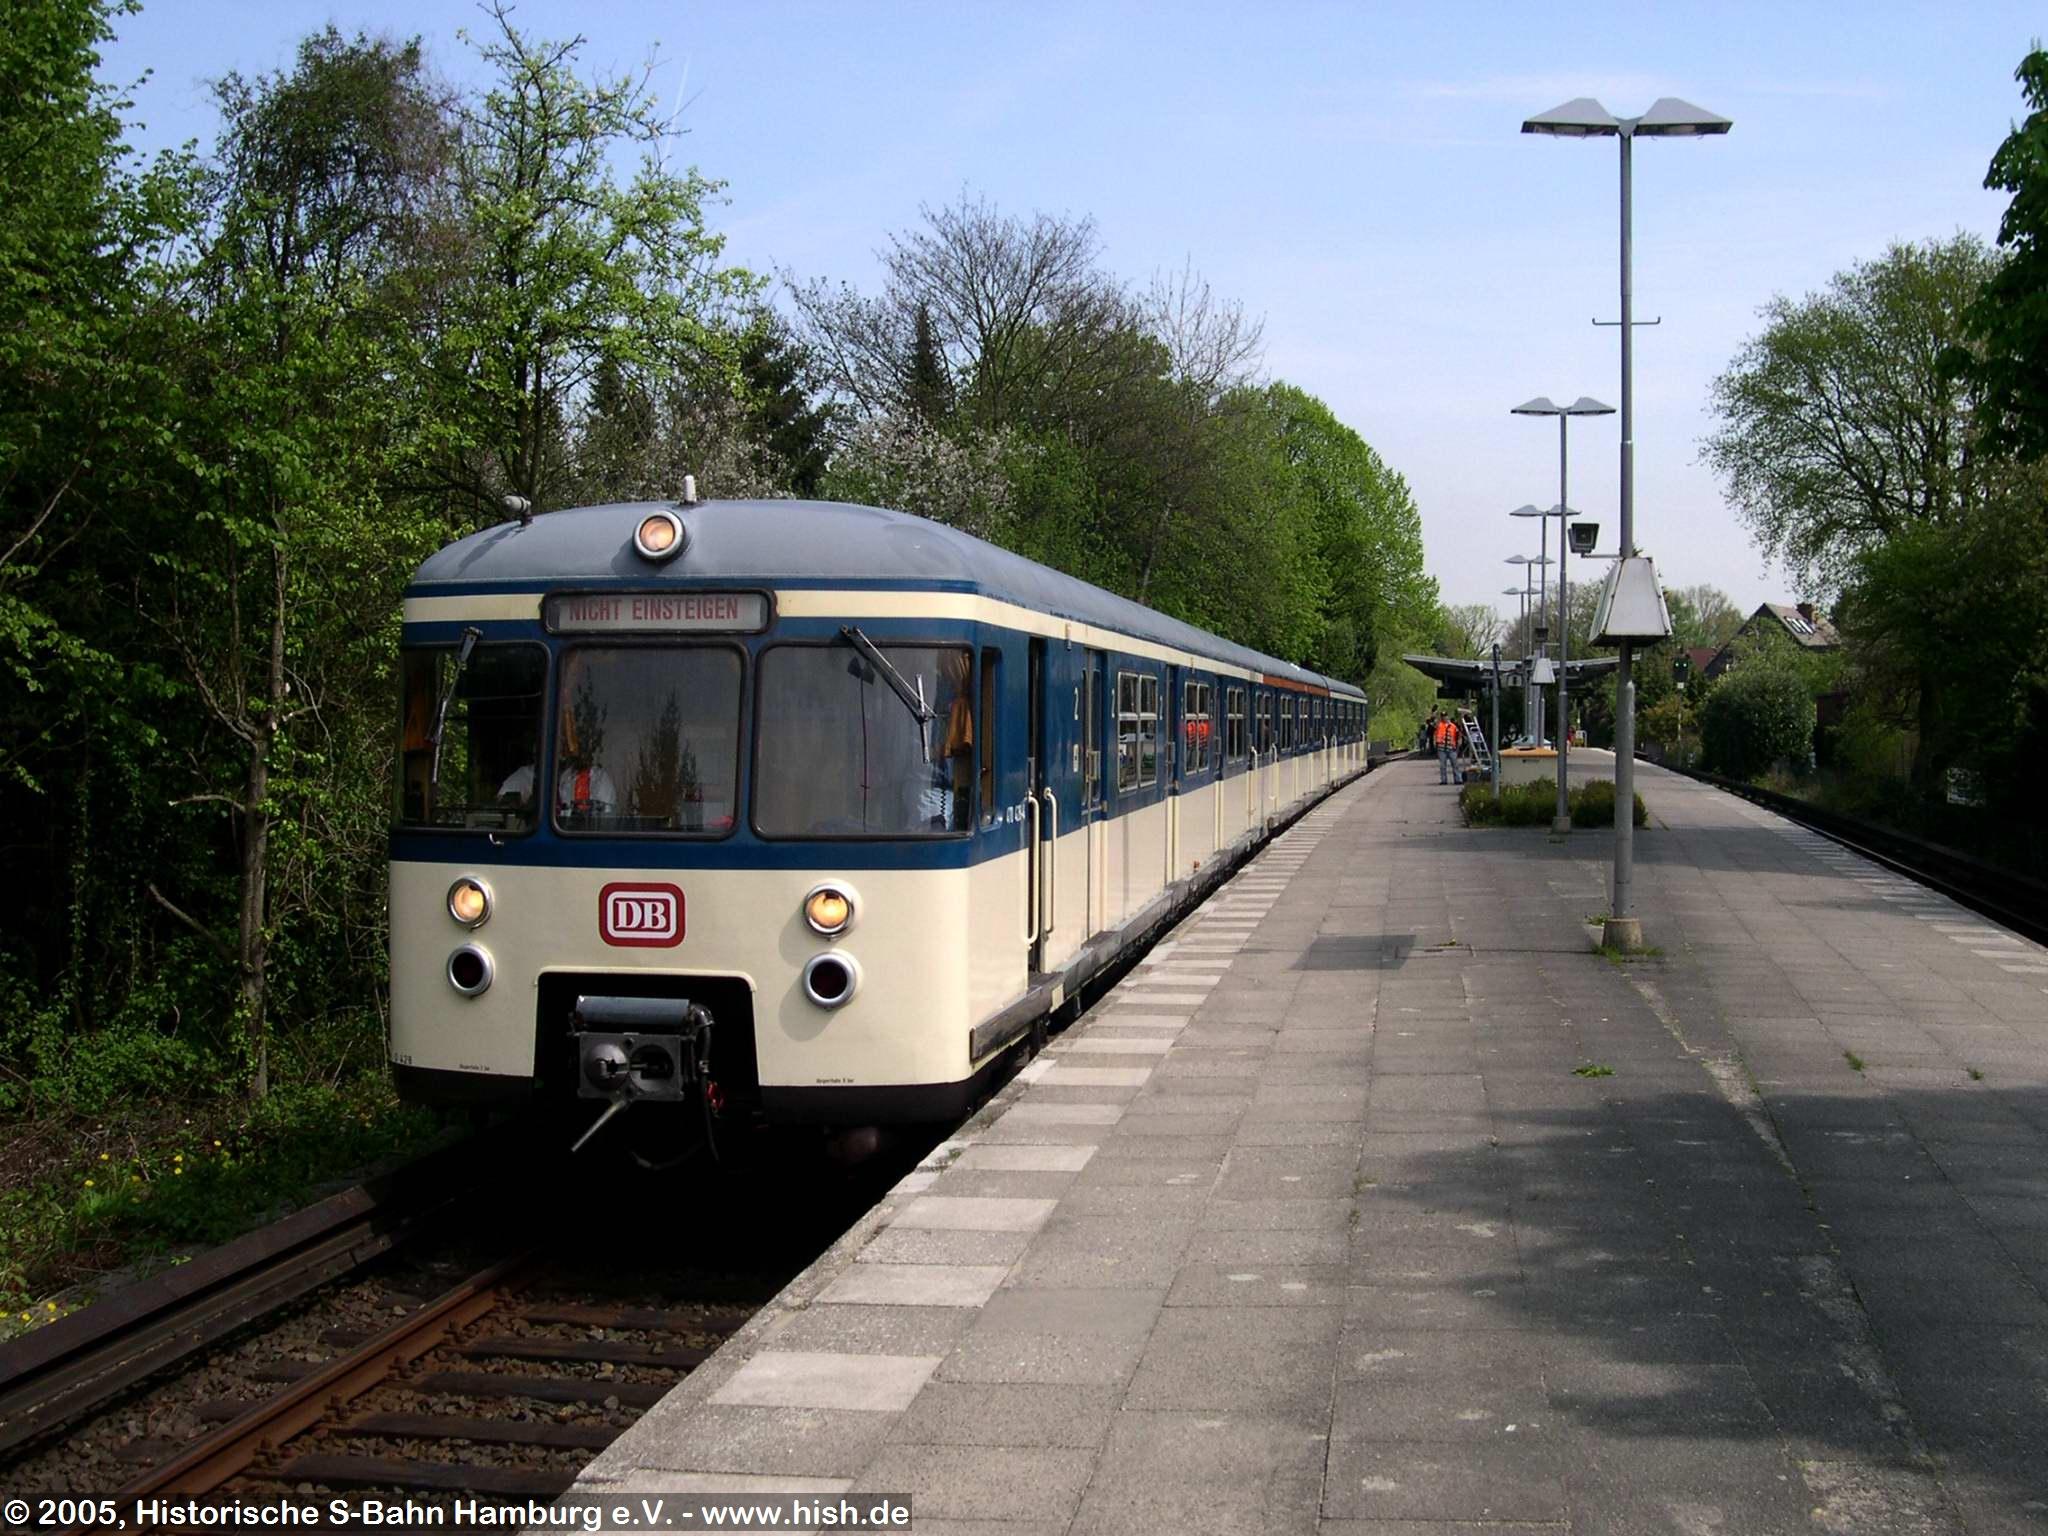 Auf der Rückfahrt nach Ohlsdorf entstand anläßlich eines kurzen Haltes in Kornweg noch dieses Bild vom 470 128.